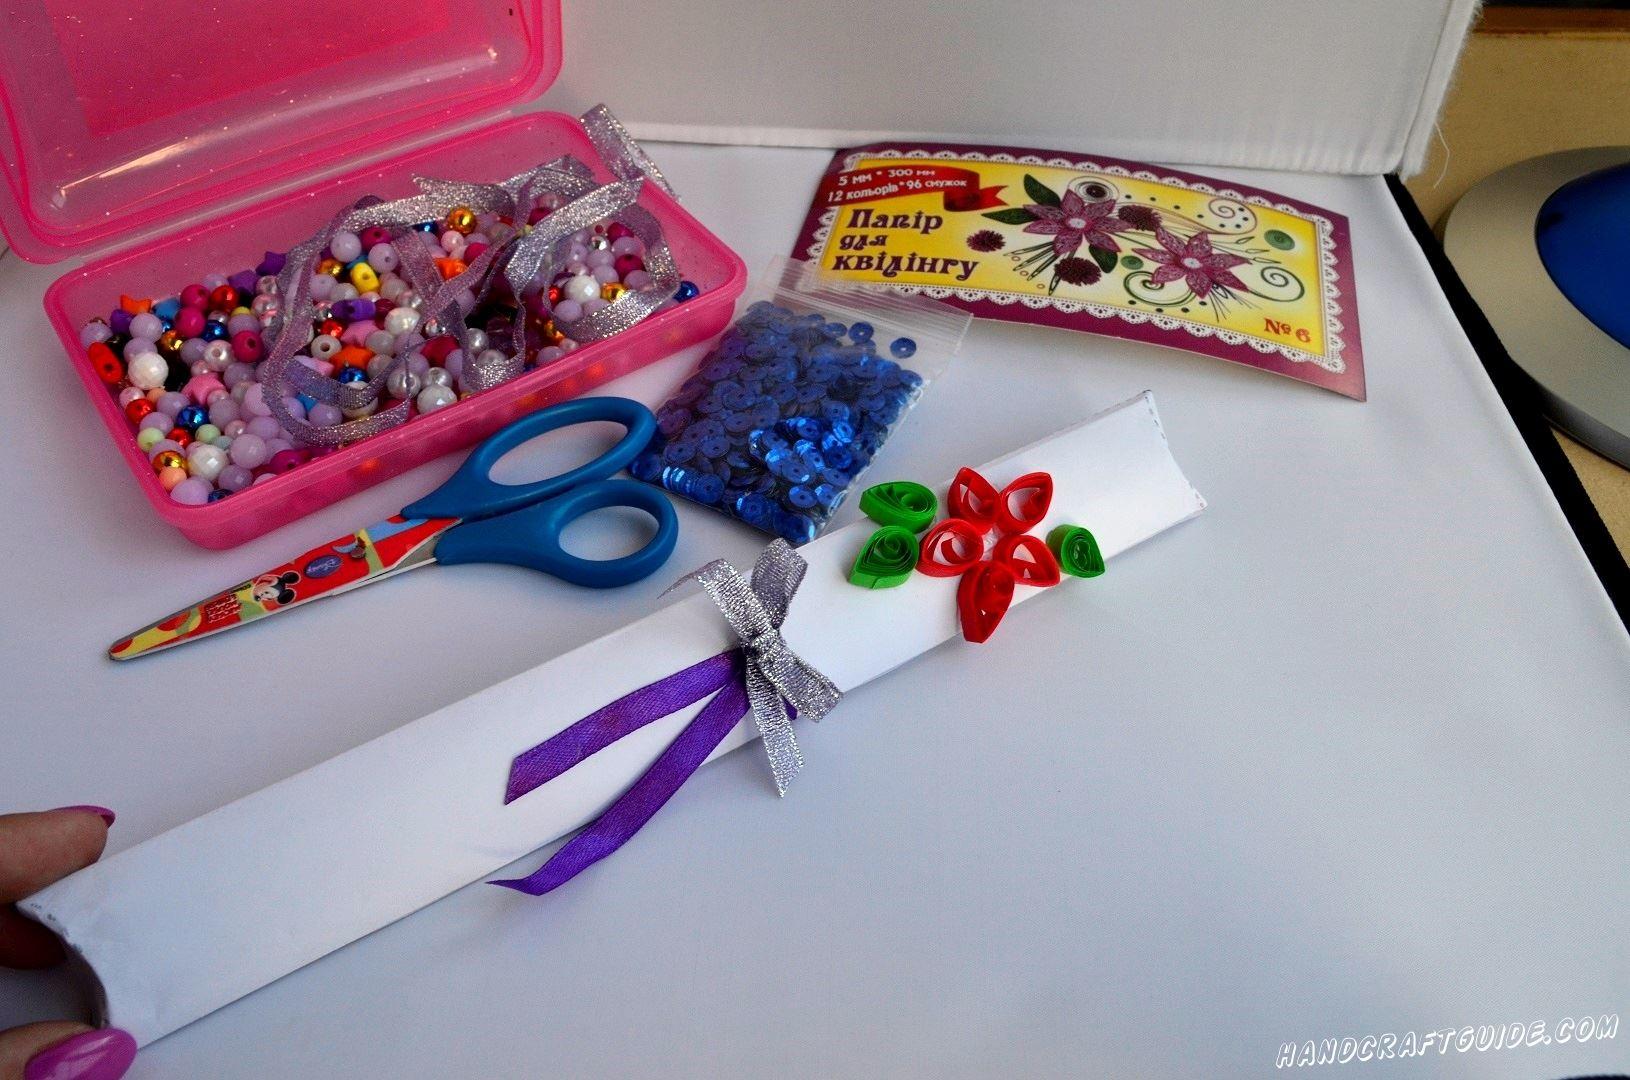 Осталось красиво украсить нашу коробочку. Скрутим и приклеим цветочки из бумаги для квиллинга, с бусинками внутри, а также бантик из атласных ленточек